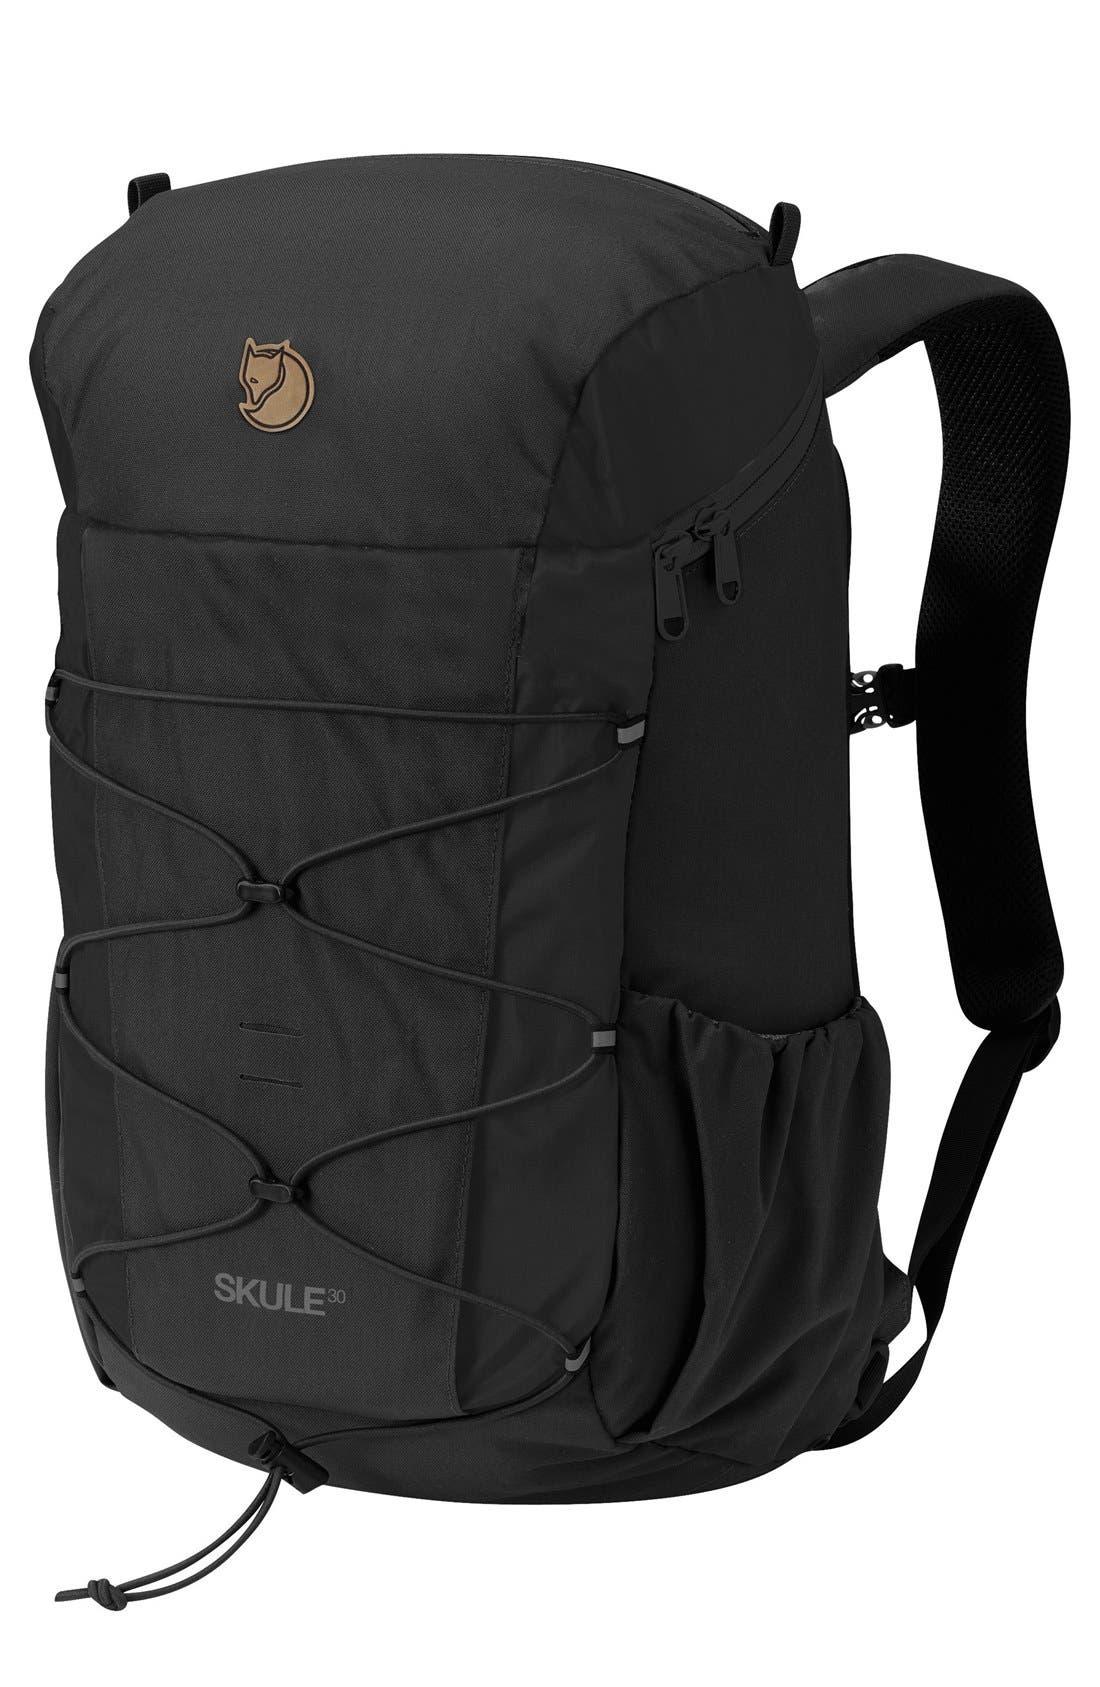 'Skule 30' Backpack,                             Main thumbnail 1, color,                             026